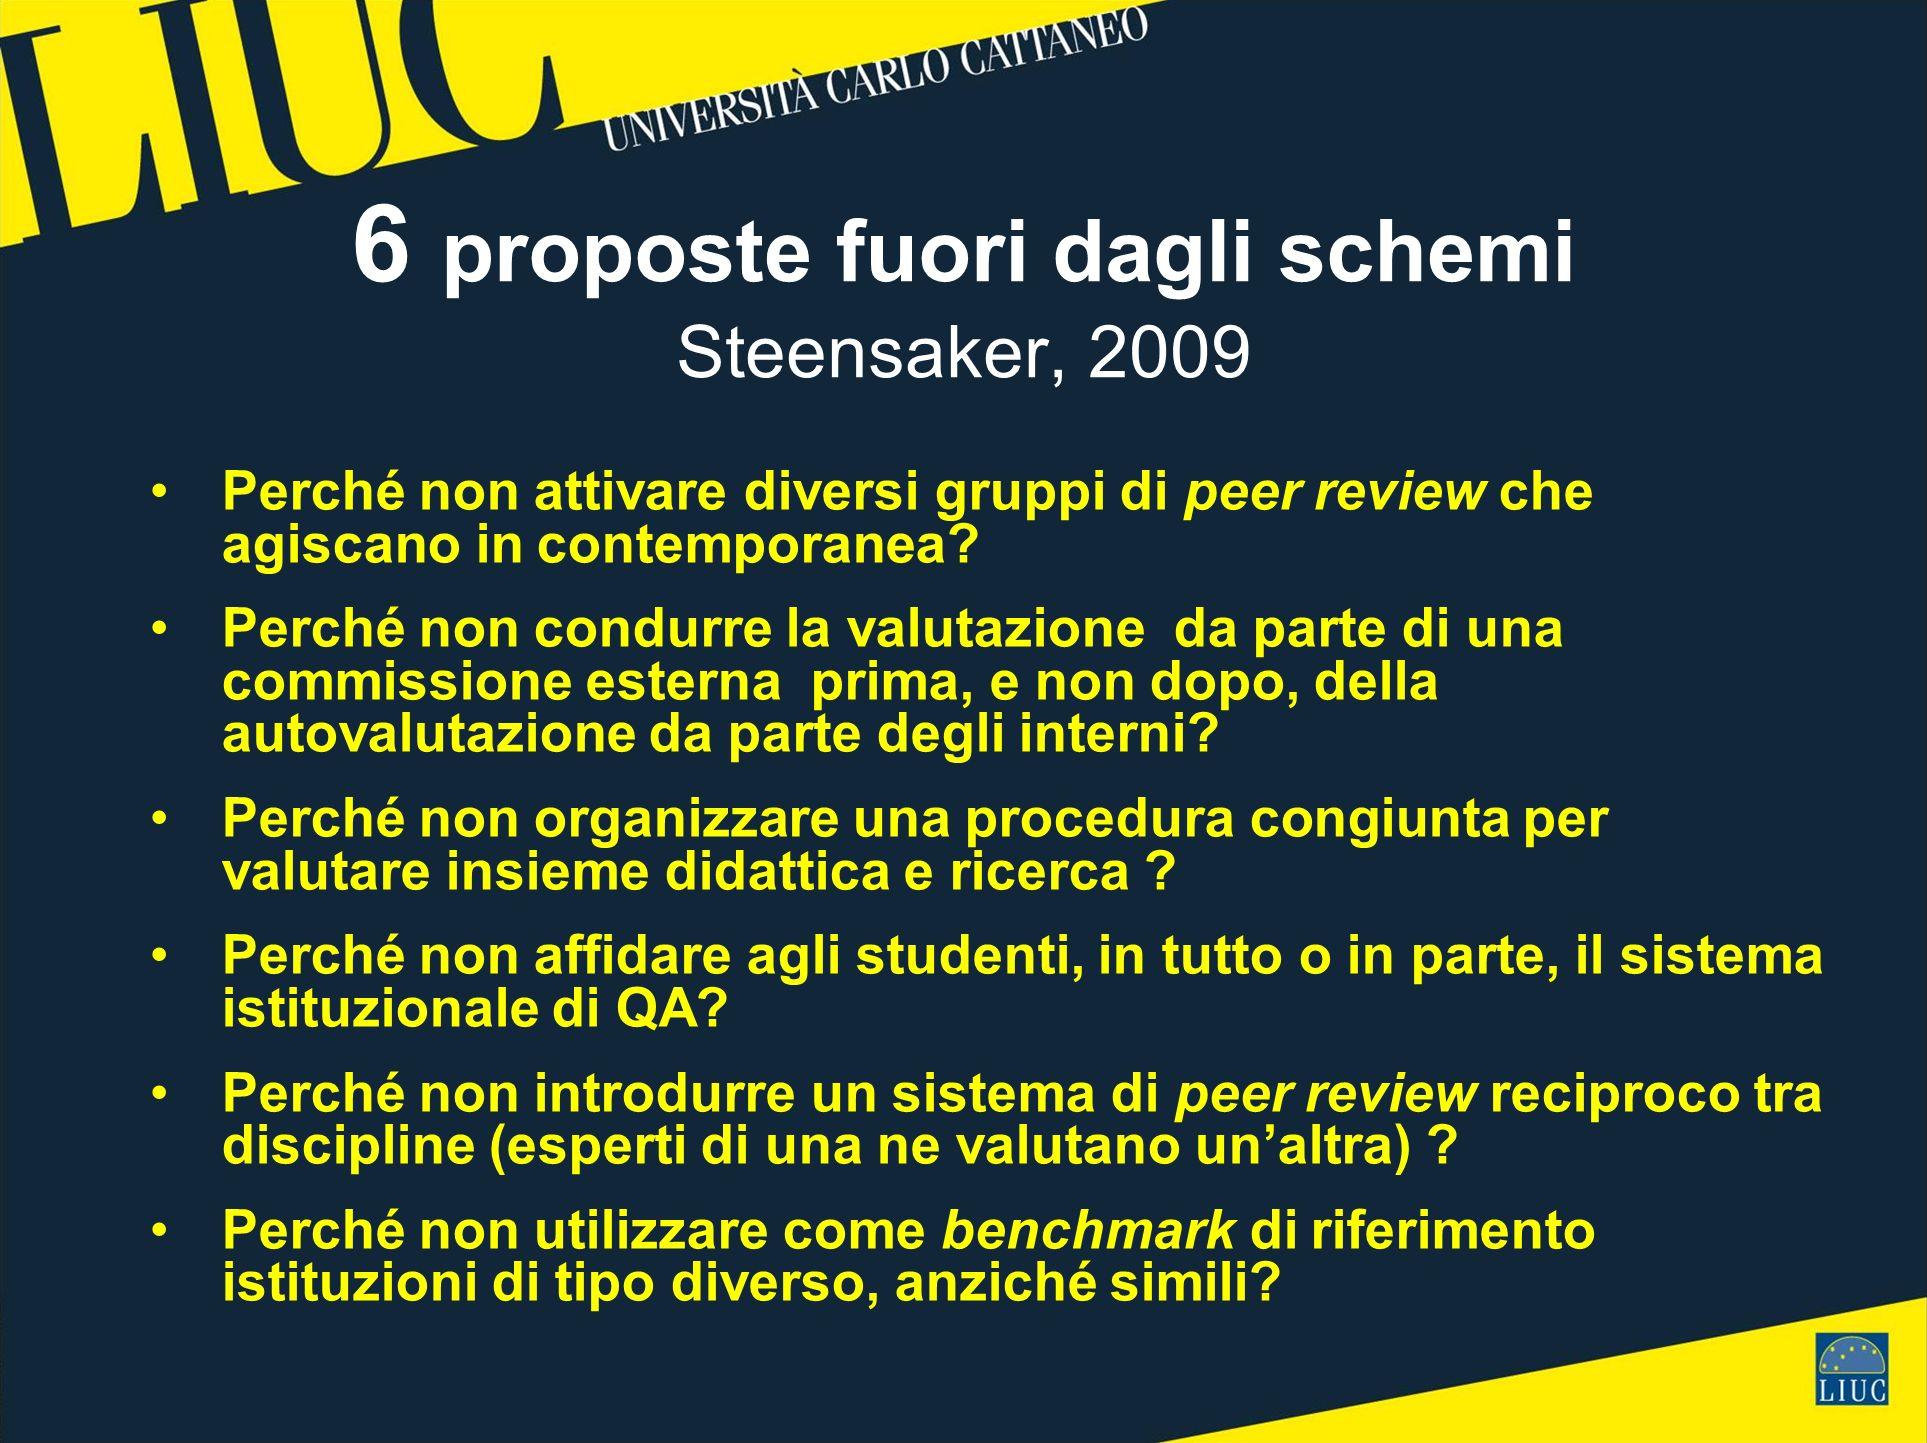 6 proposte fuori dagli schemi Steensaker, 2009 Perché non attivare diversi gruppi di peer review che agiscano in contemporanea.